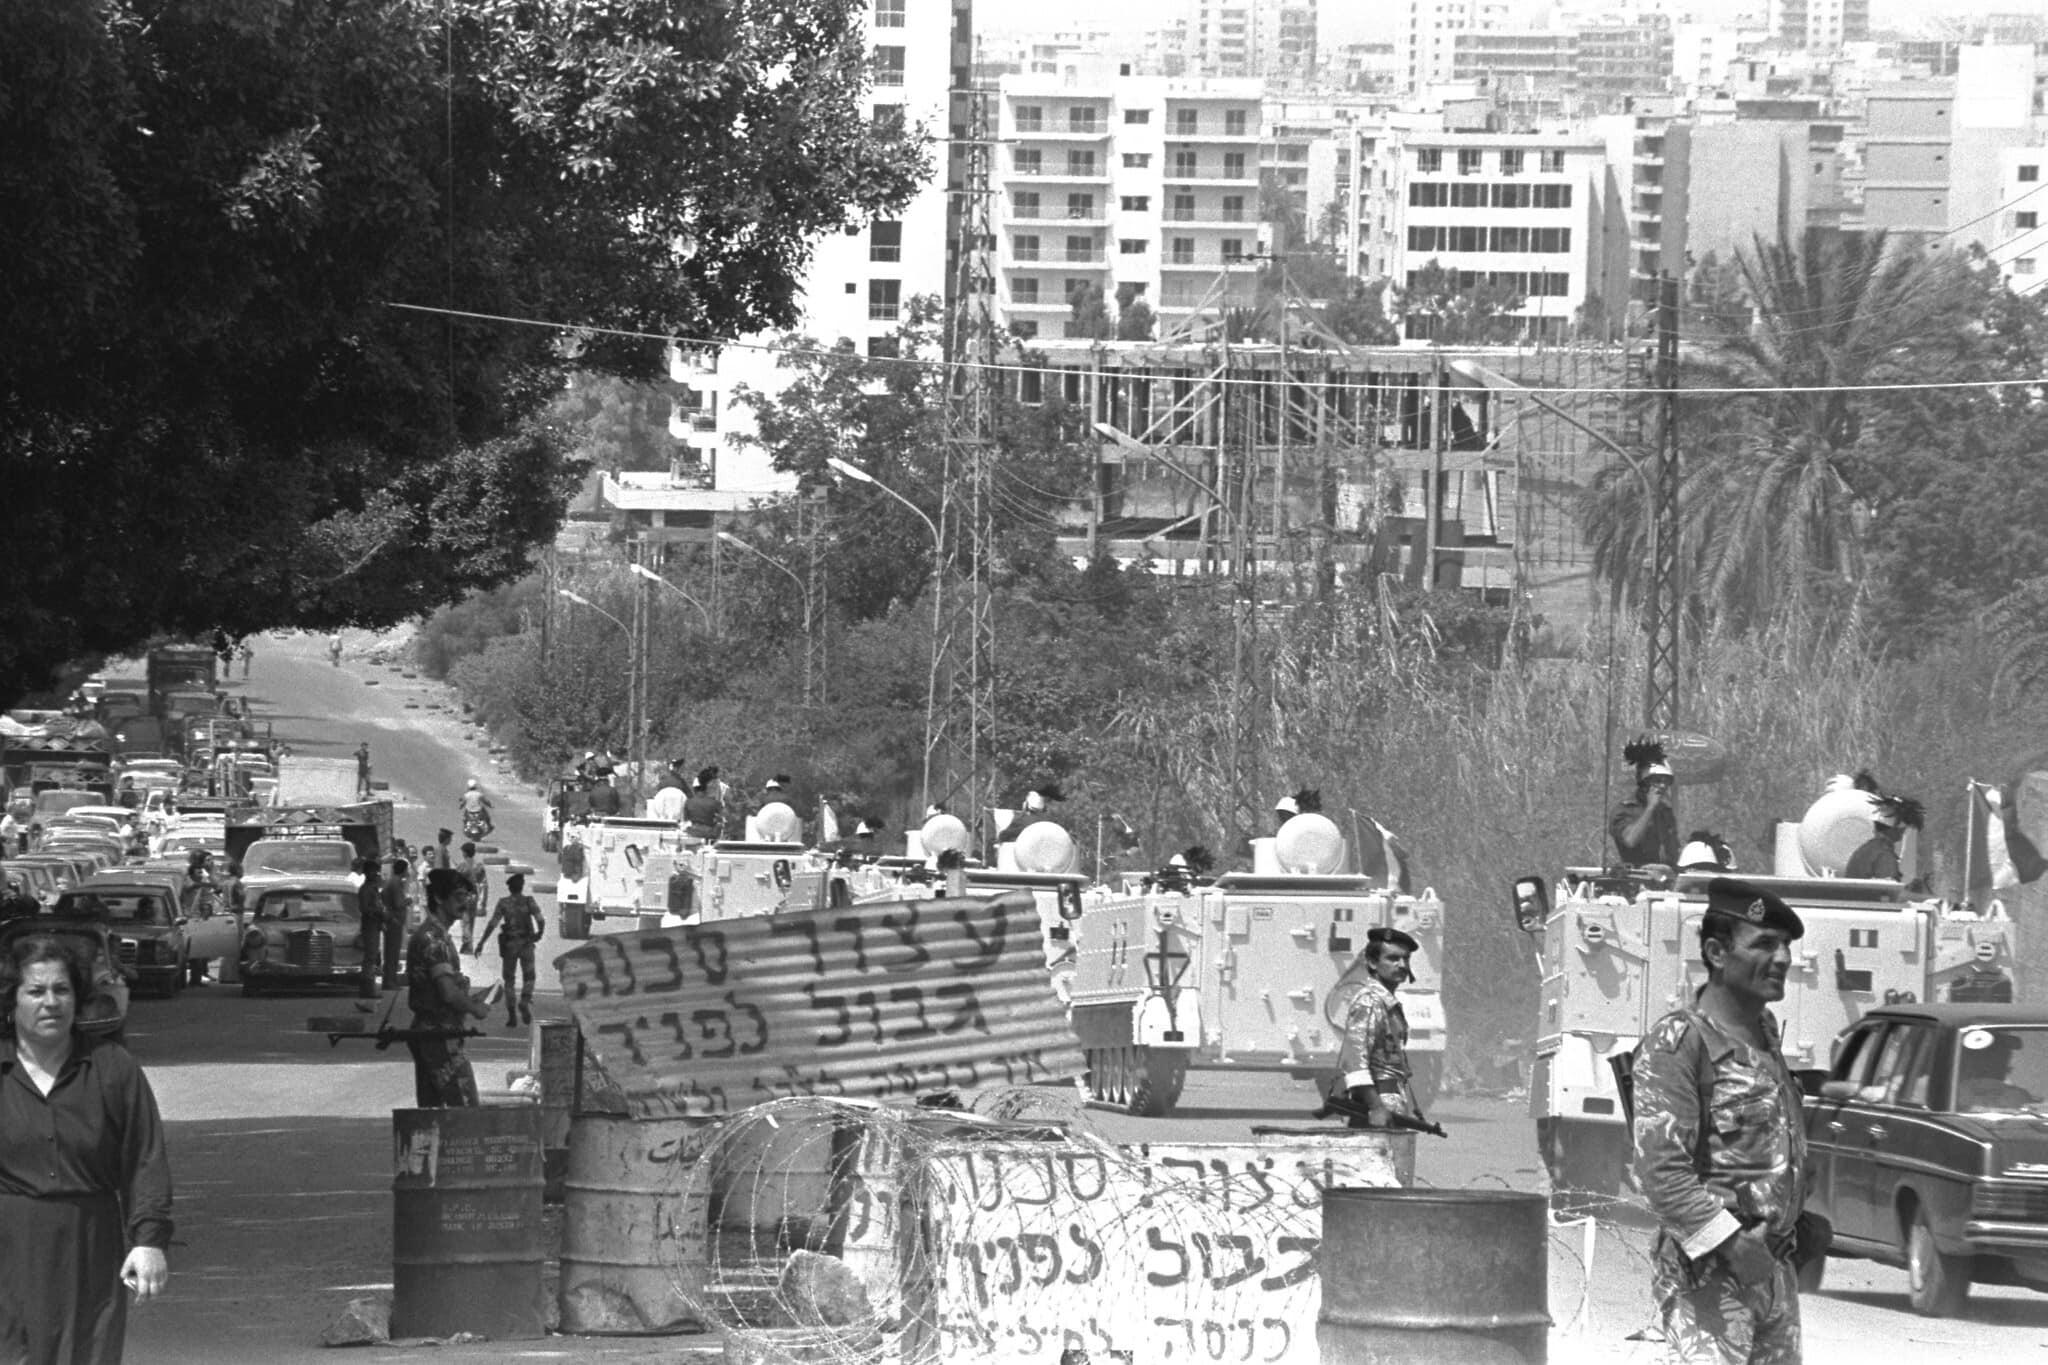 """אילוסטרציה: נגמ""""שים איטלקיים נוסעים במעבר גלרי סמעאן במזרח ביירות, שמאובטח על ידי חיילים לבנוניים אבל עדיין כולל שלטי אזהרה בעברית, 26 באוגוסט 1982 (צילום: לשכת העיתונות הממשלתית/דליה ינקוביץ')"""